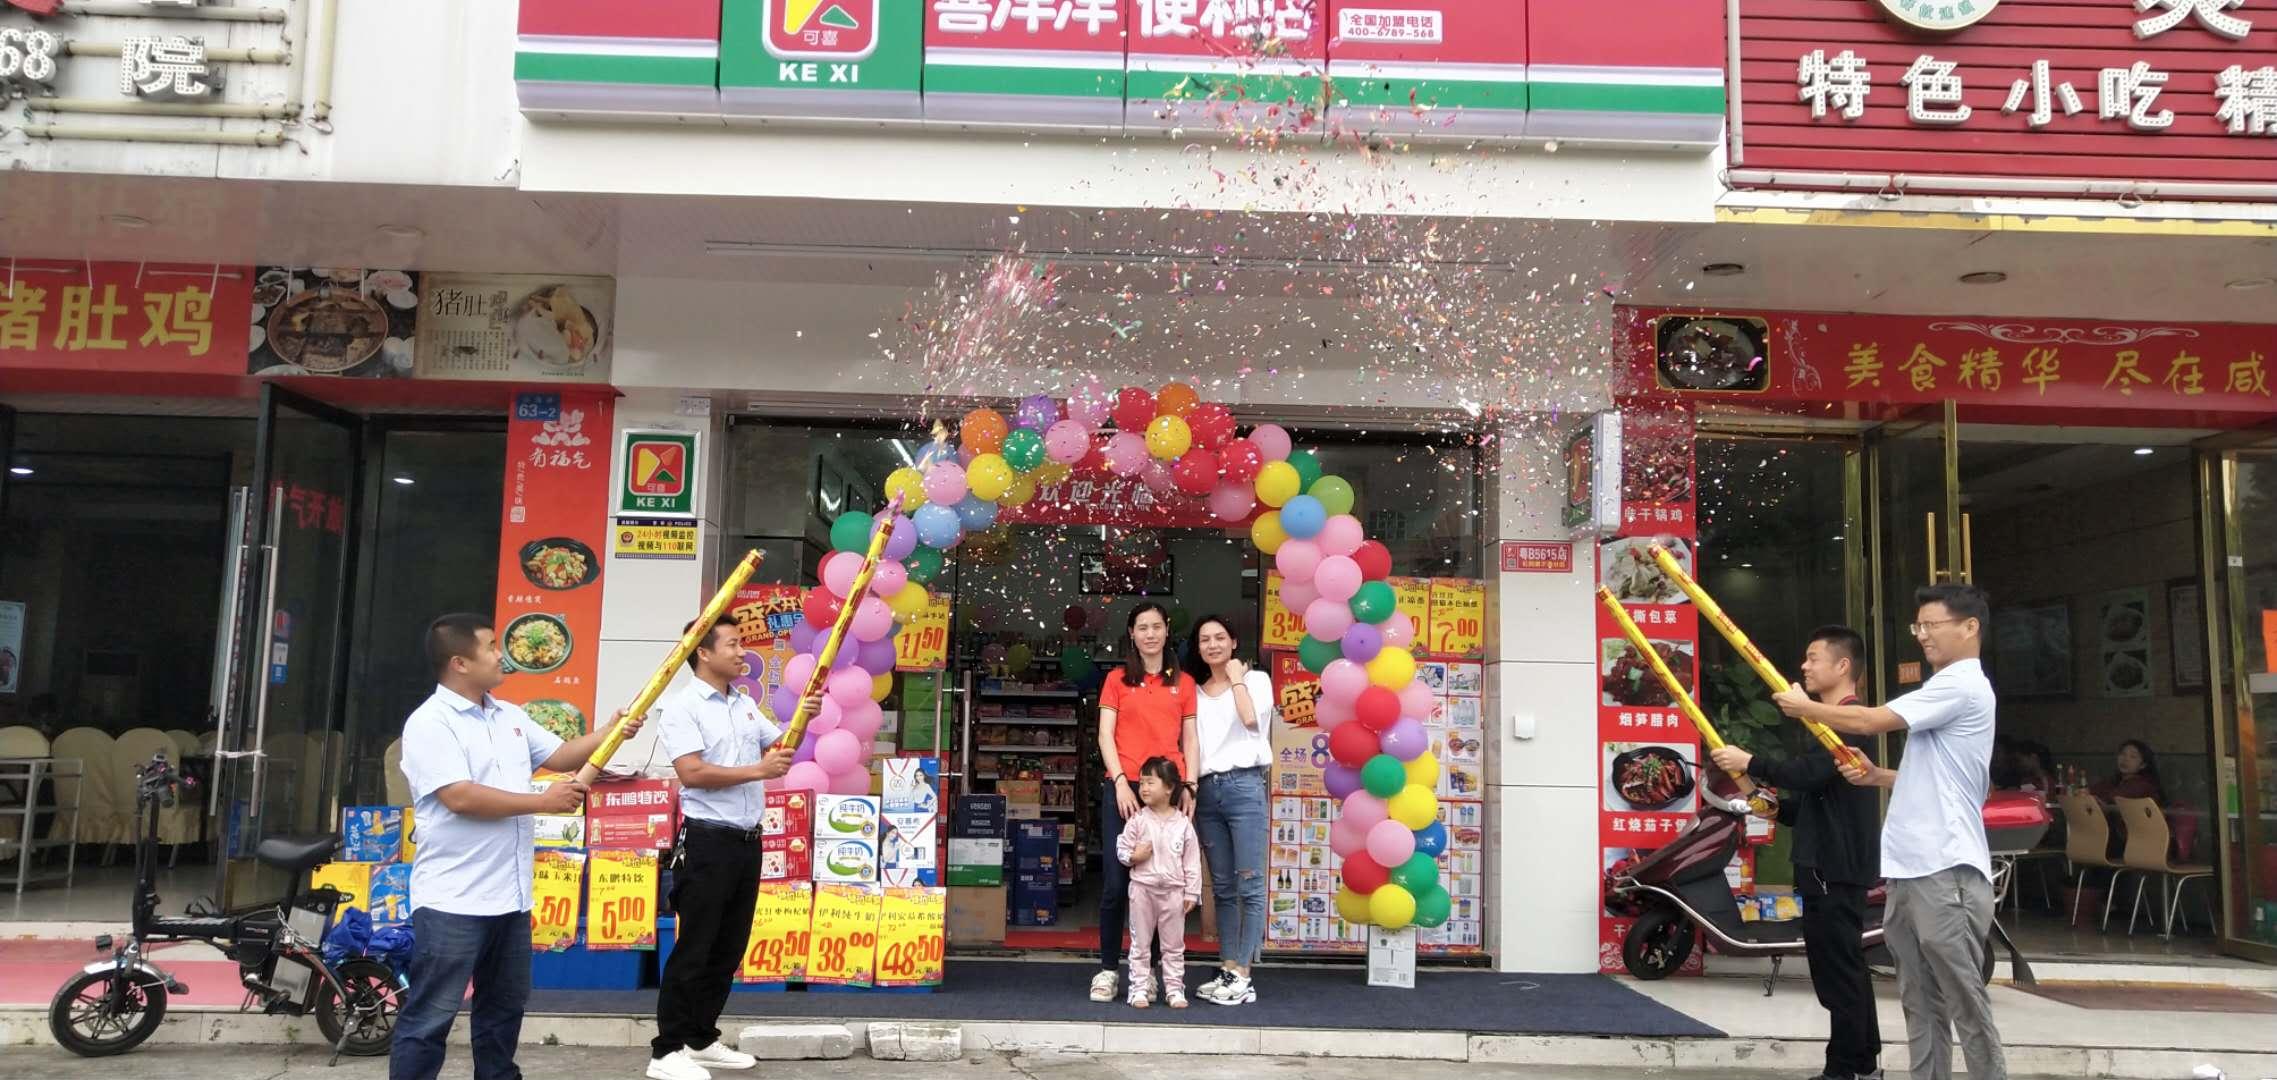 热烈祝贺喜洋洋松岗塘下涌分店5月3日盛大开业